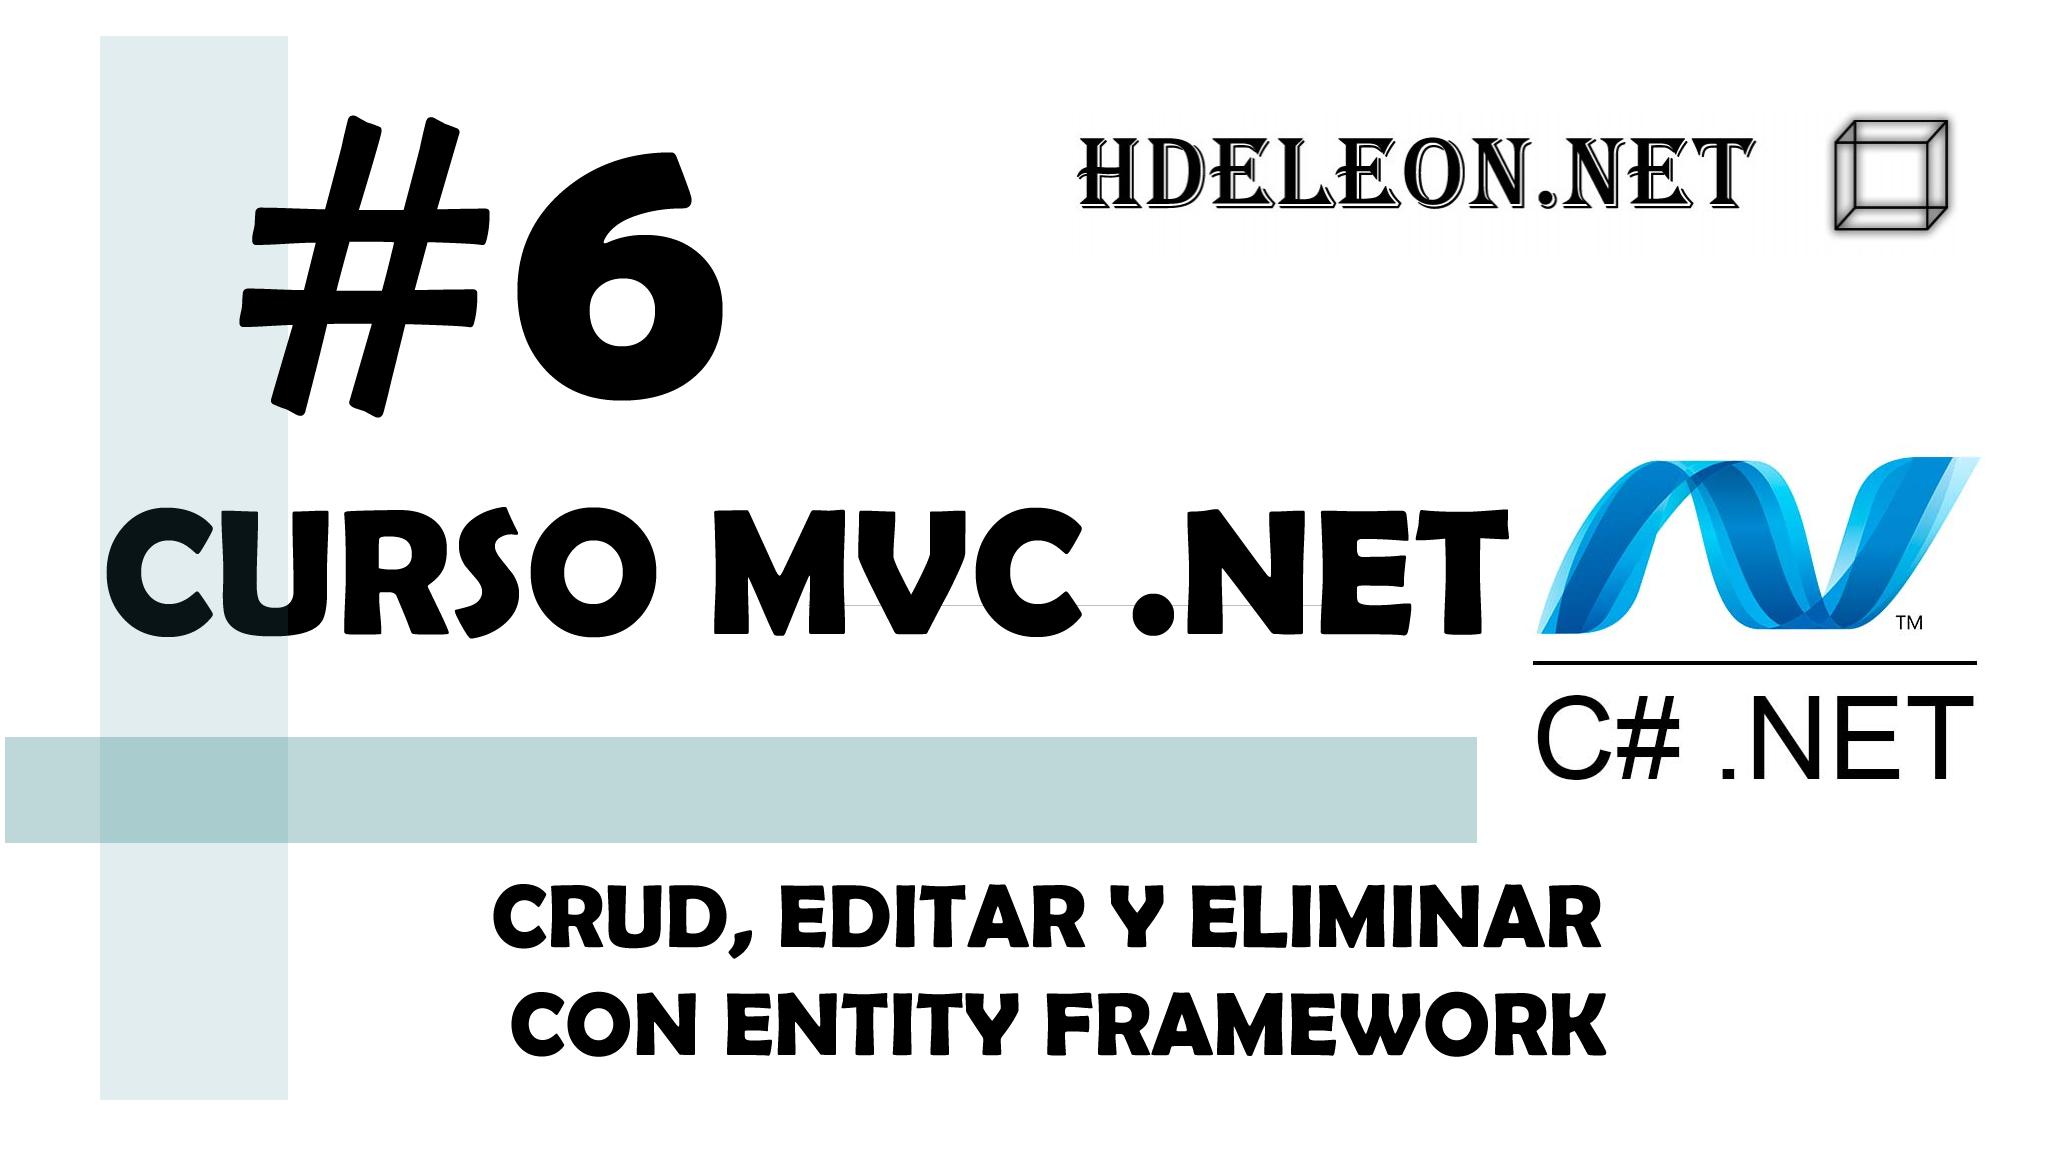 Curso de MVC .Net C#, CRUD, Editar y Eliminar con Entity Framework #6